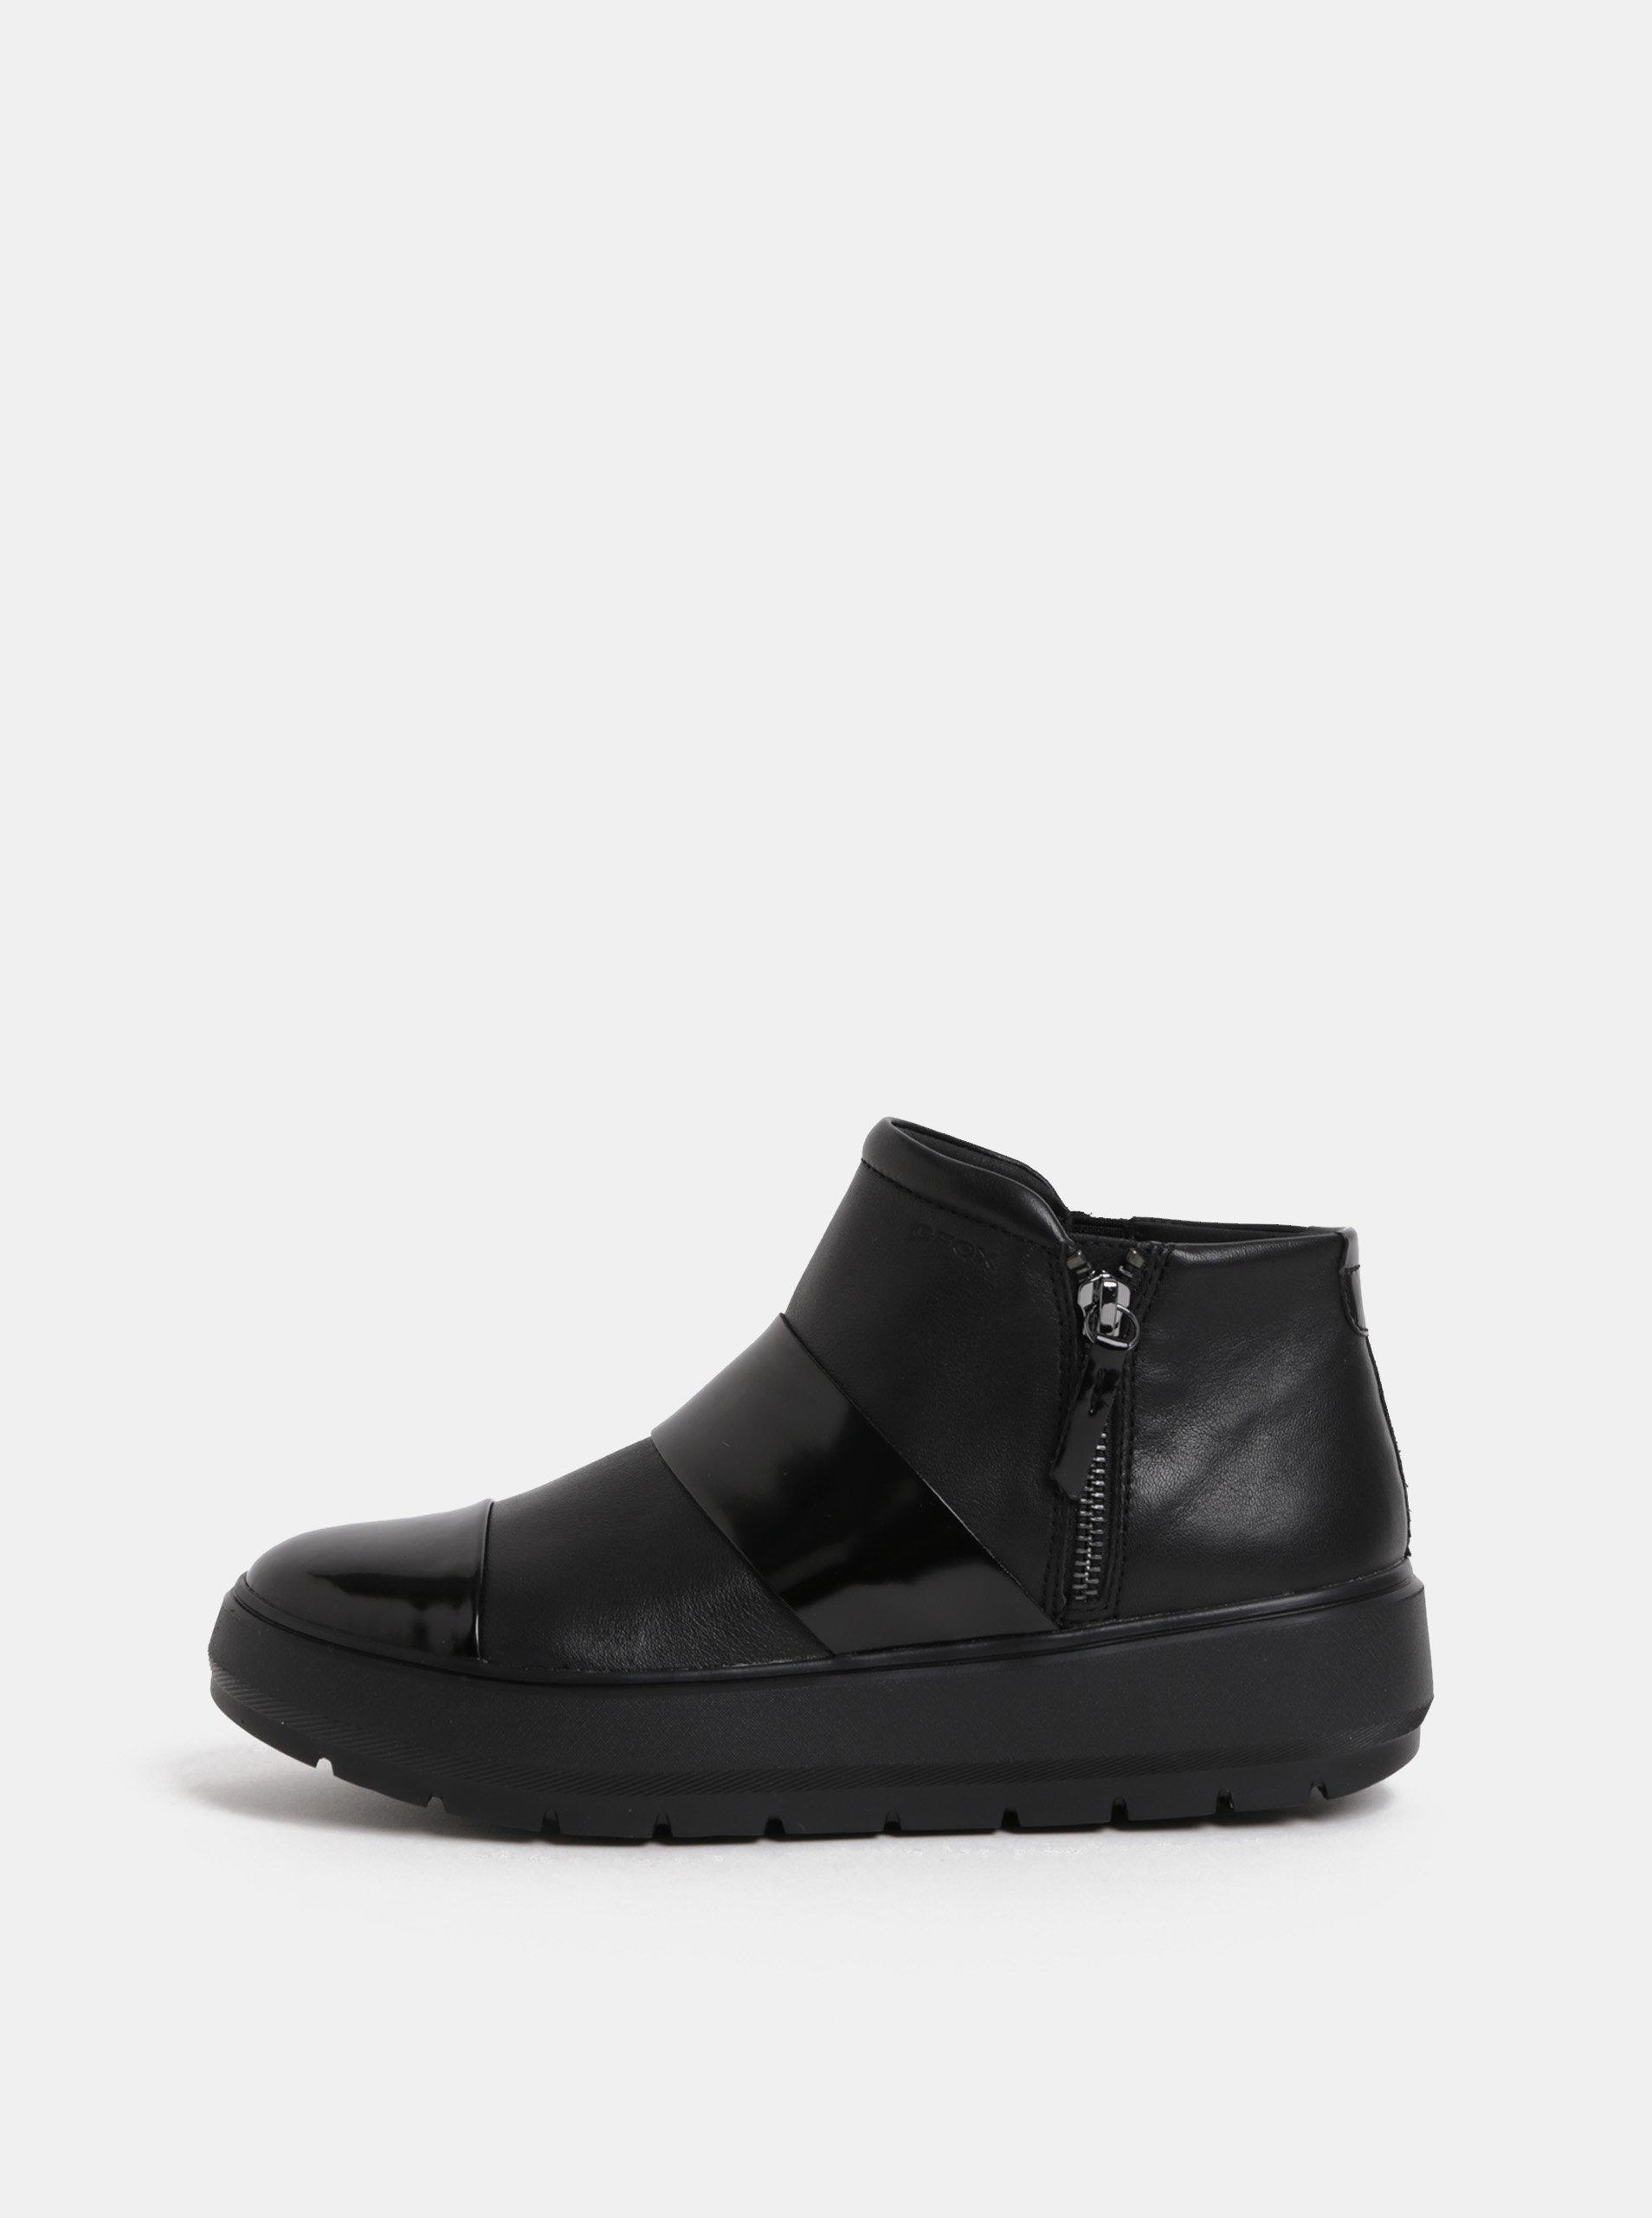 4737f93a08fb Čierne dámske kožené členkové topánky na platforme Geox Kaula ...